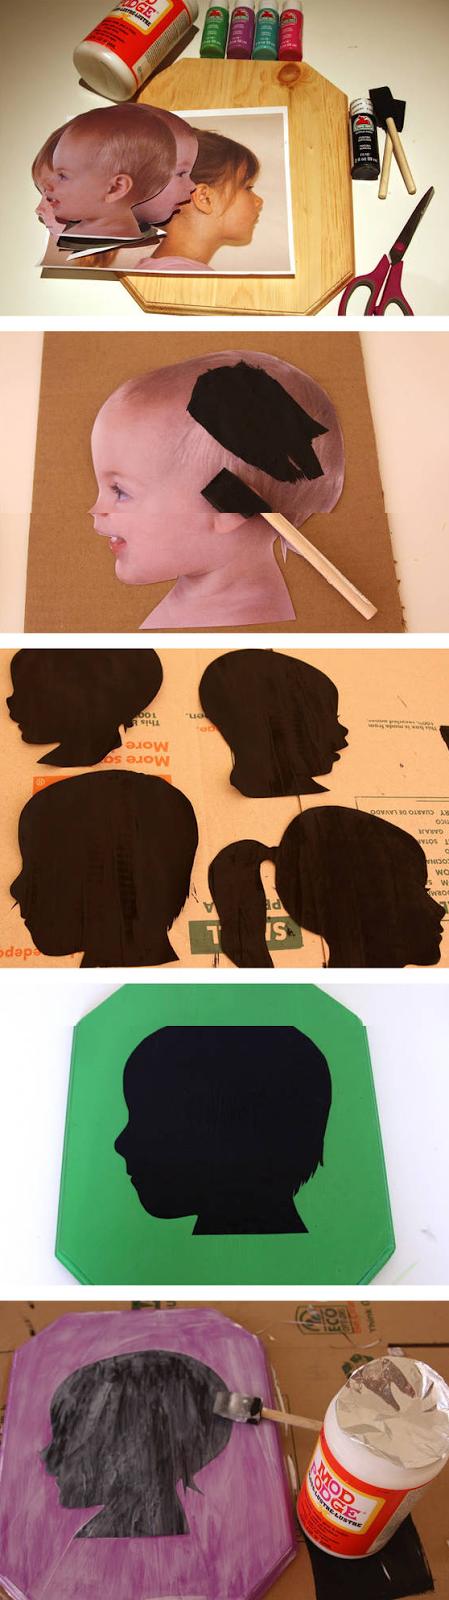 Crea tus propias siluetas vintage para decorar las paredes